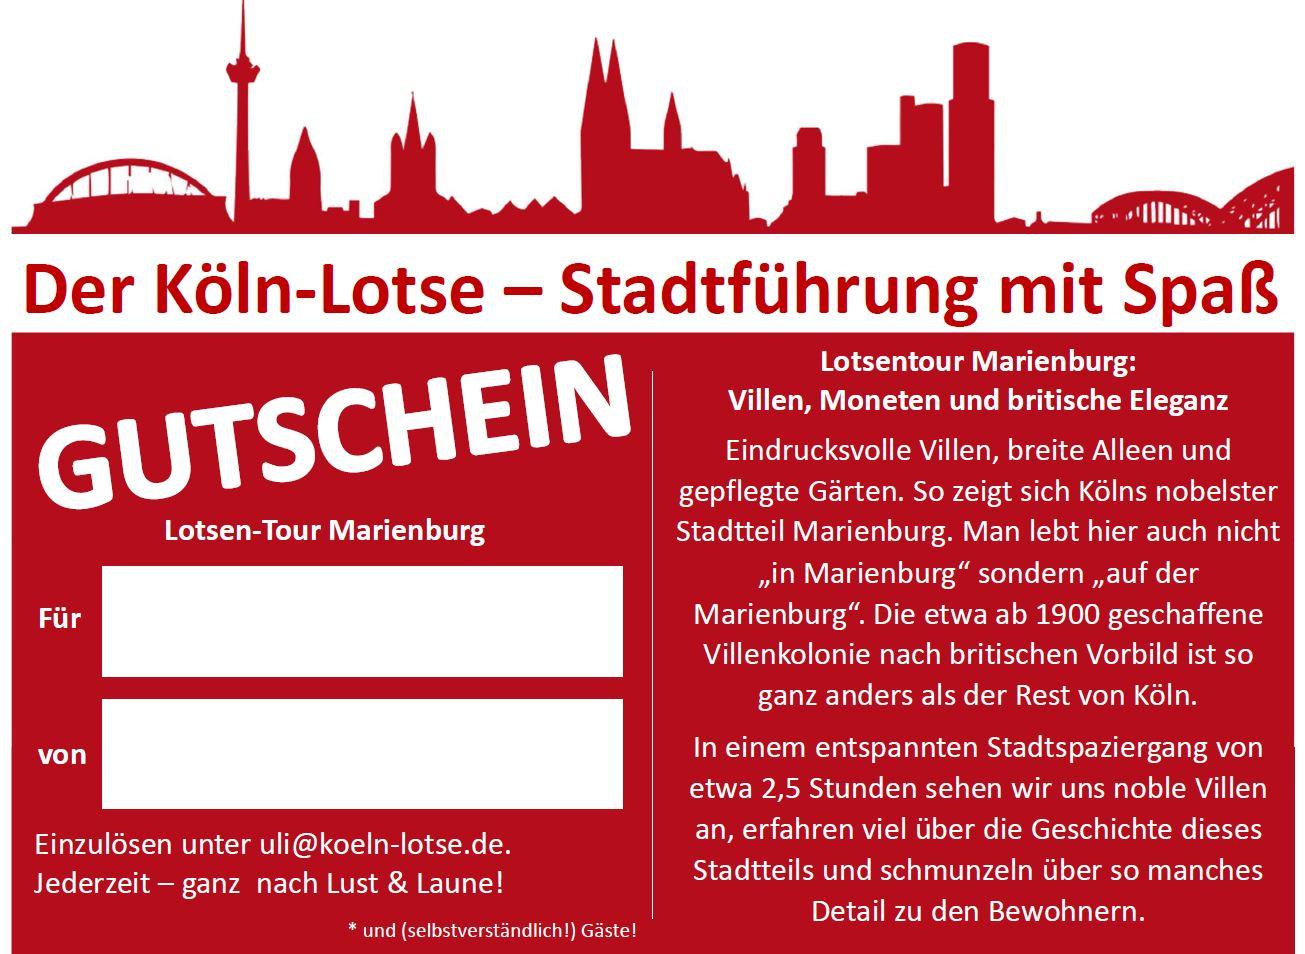 bild_gutschein_marienburg_gruppe - Der Köln-Lotse